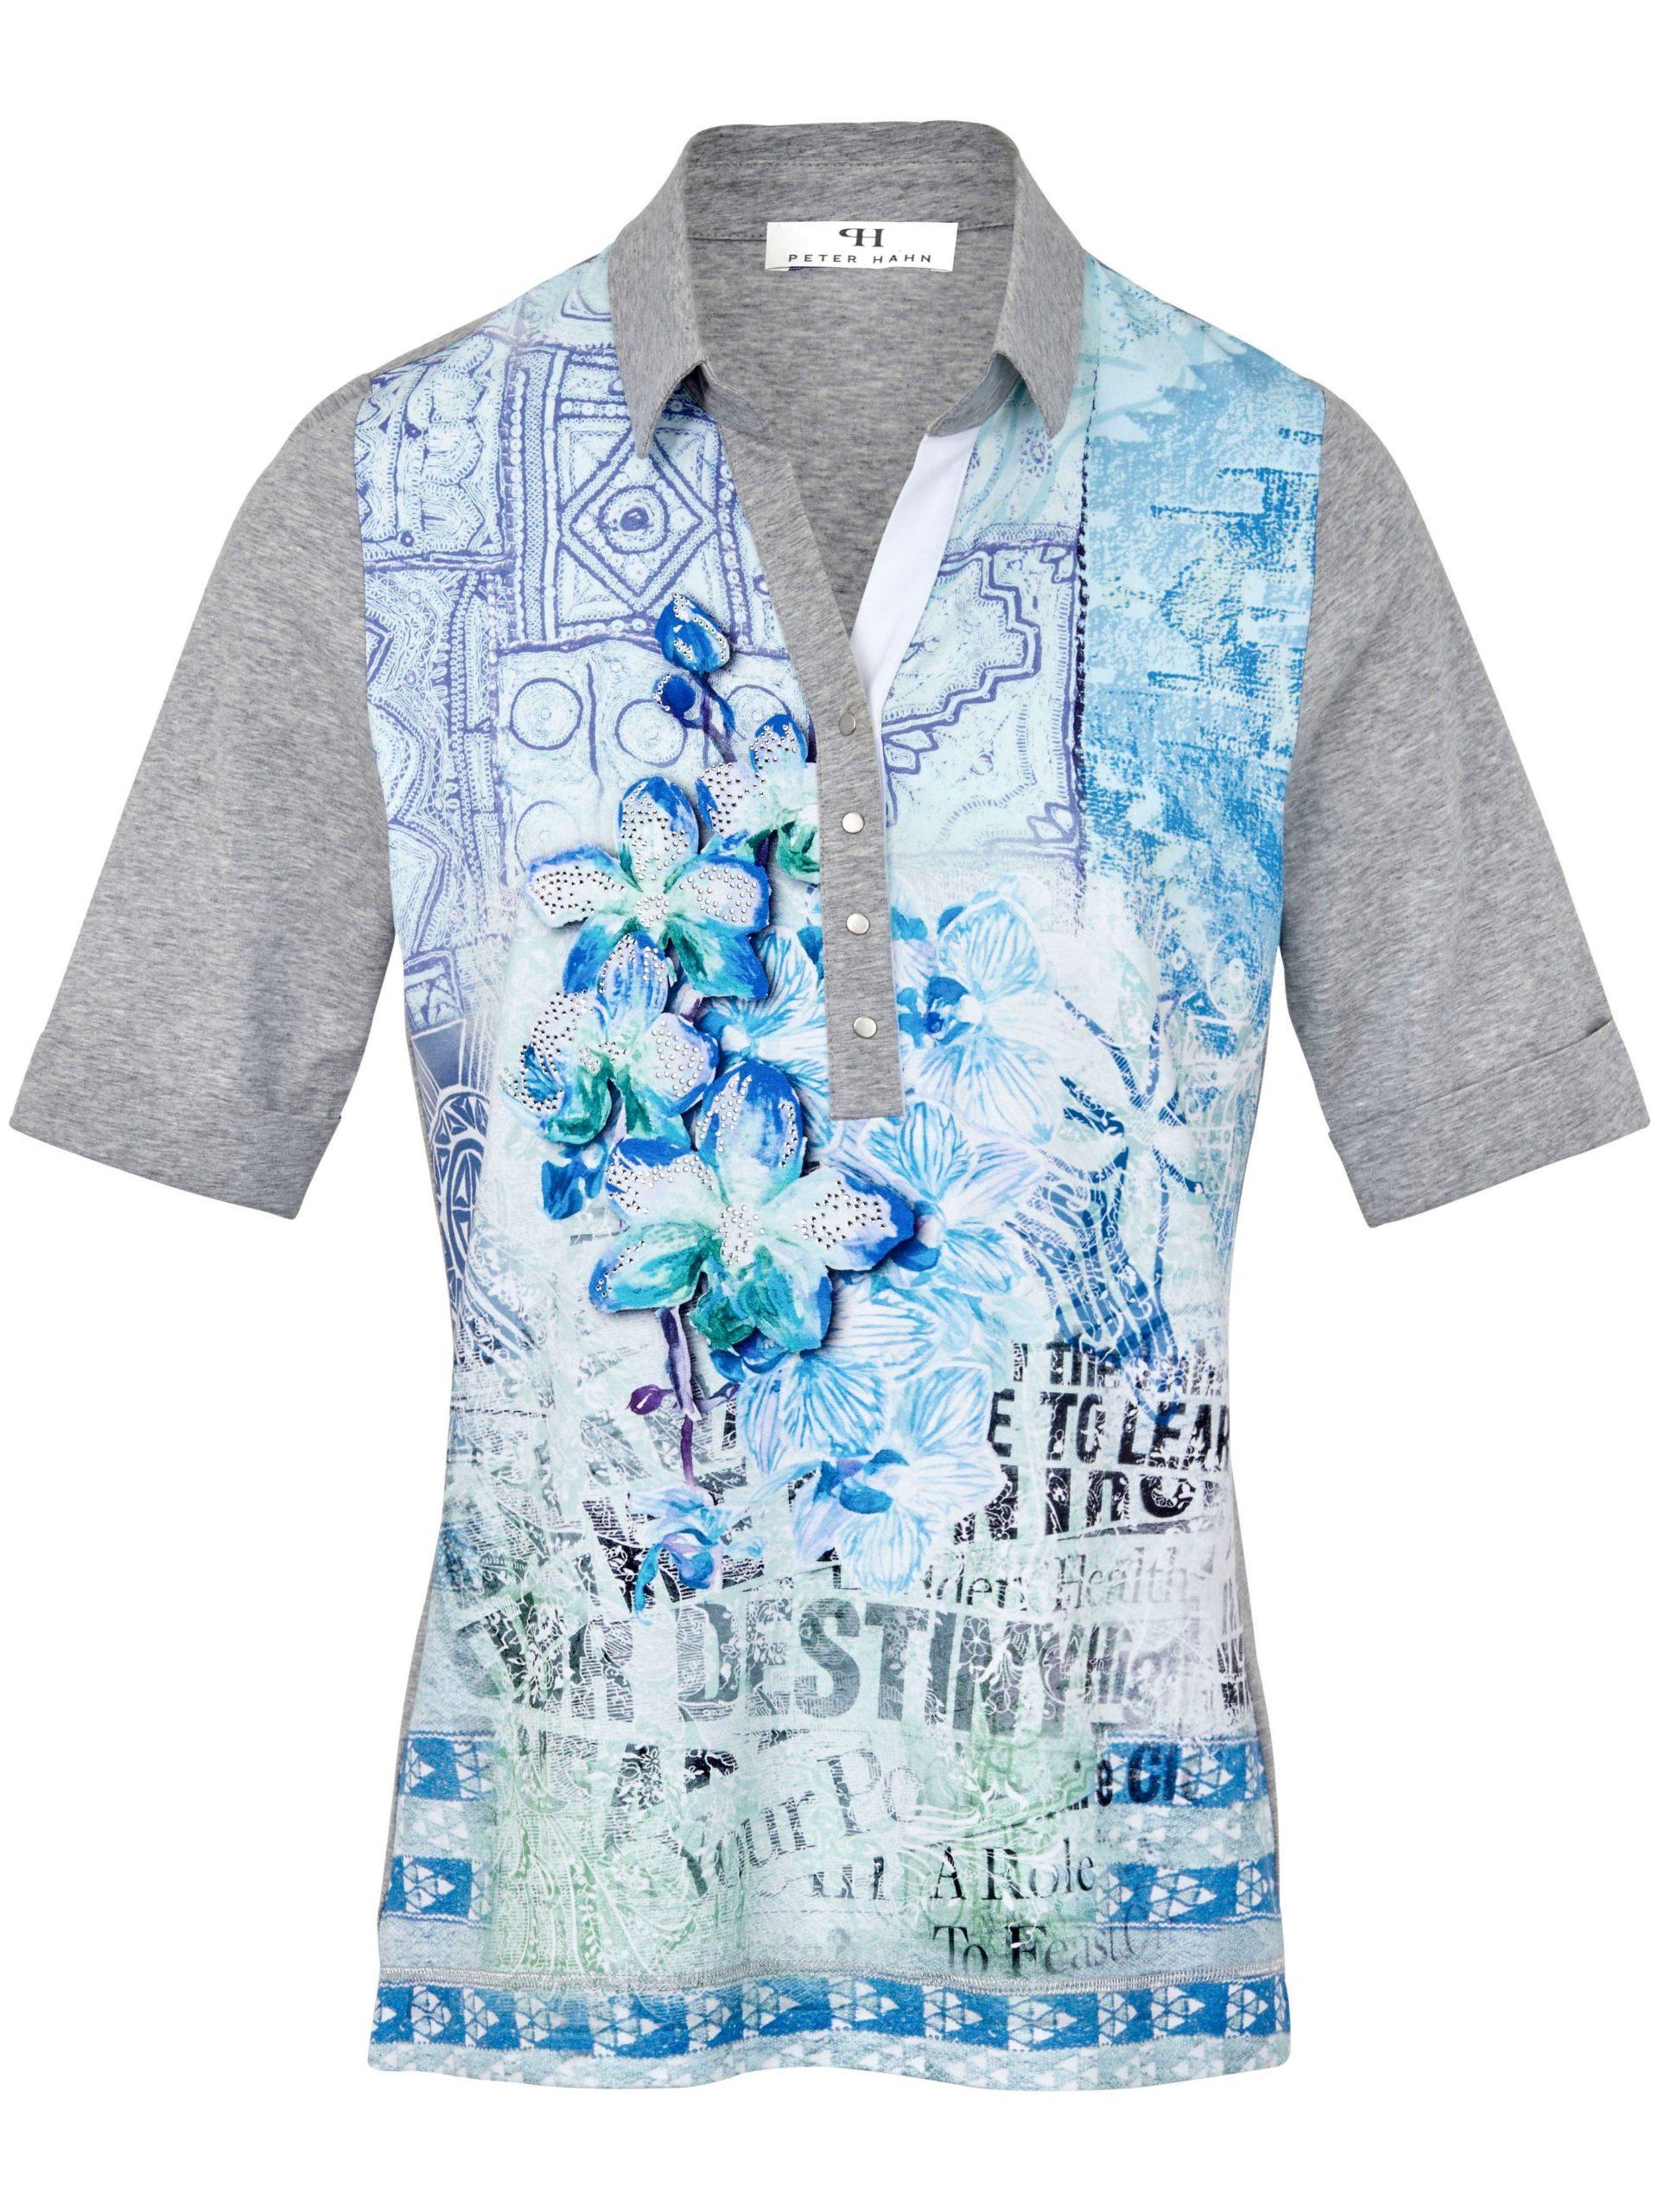 Poloshirt met korte mouwen Van Peter Hahn multicolour Kopen